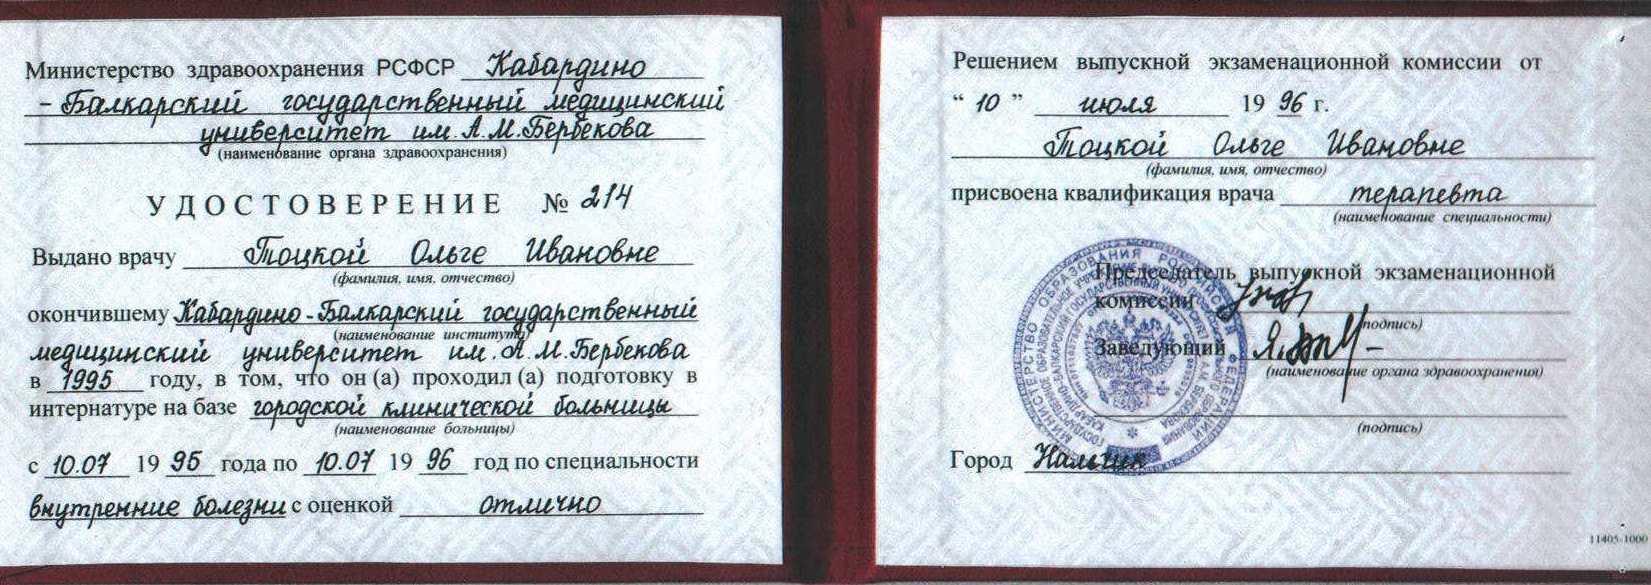 Удостоверение о получении квалификации врача-терапевта